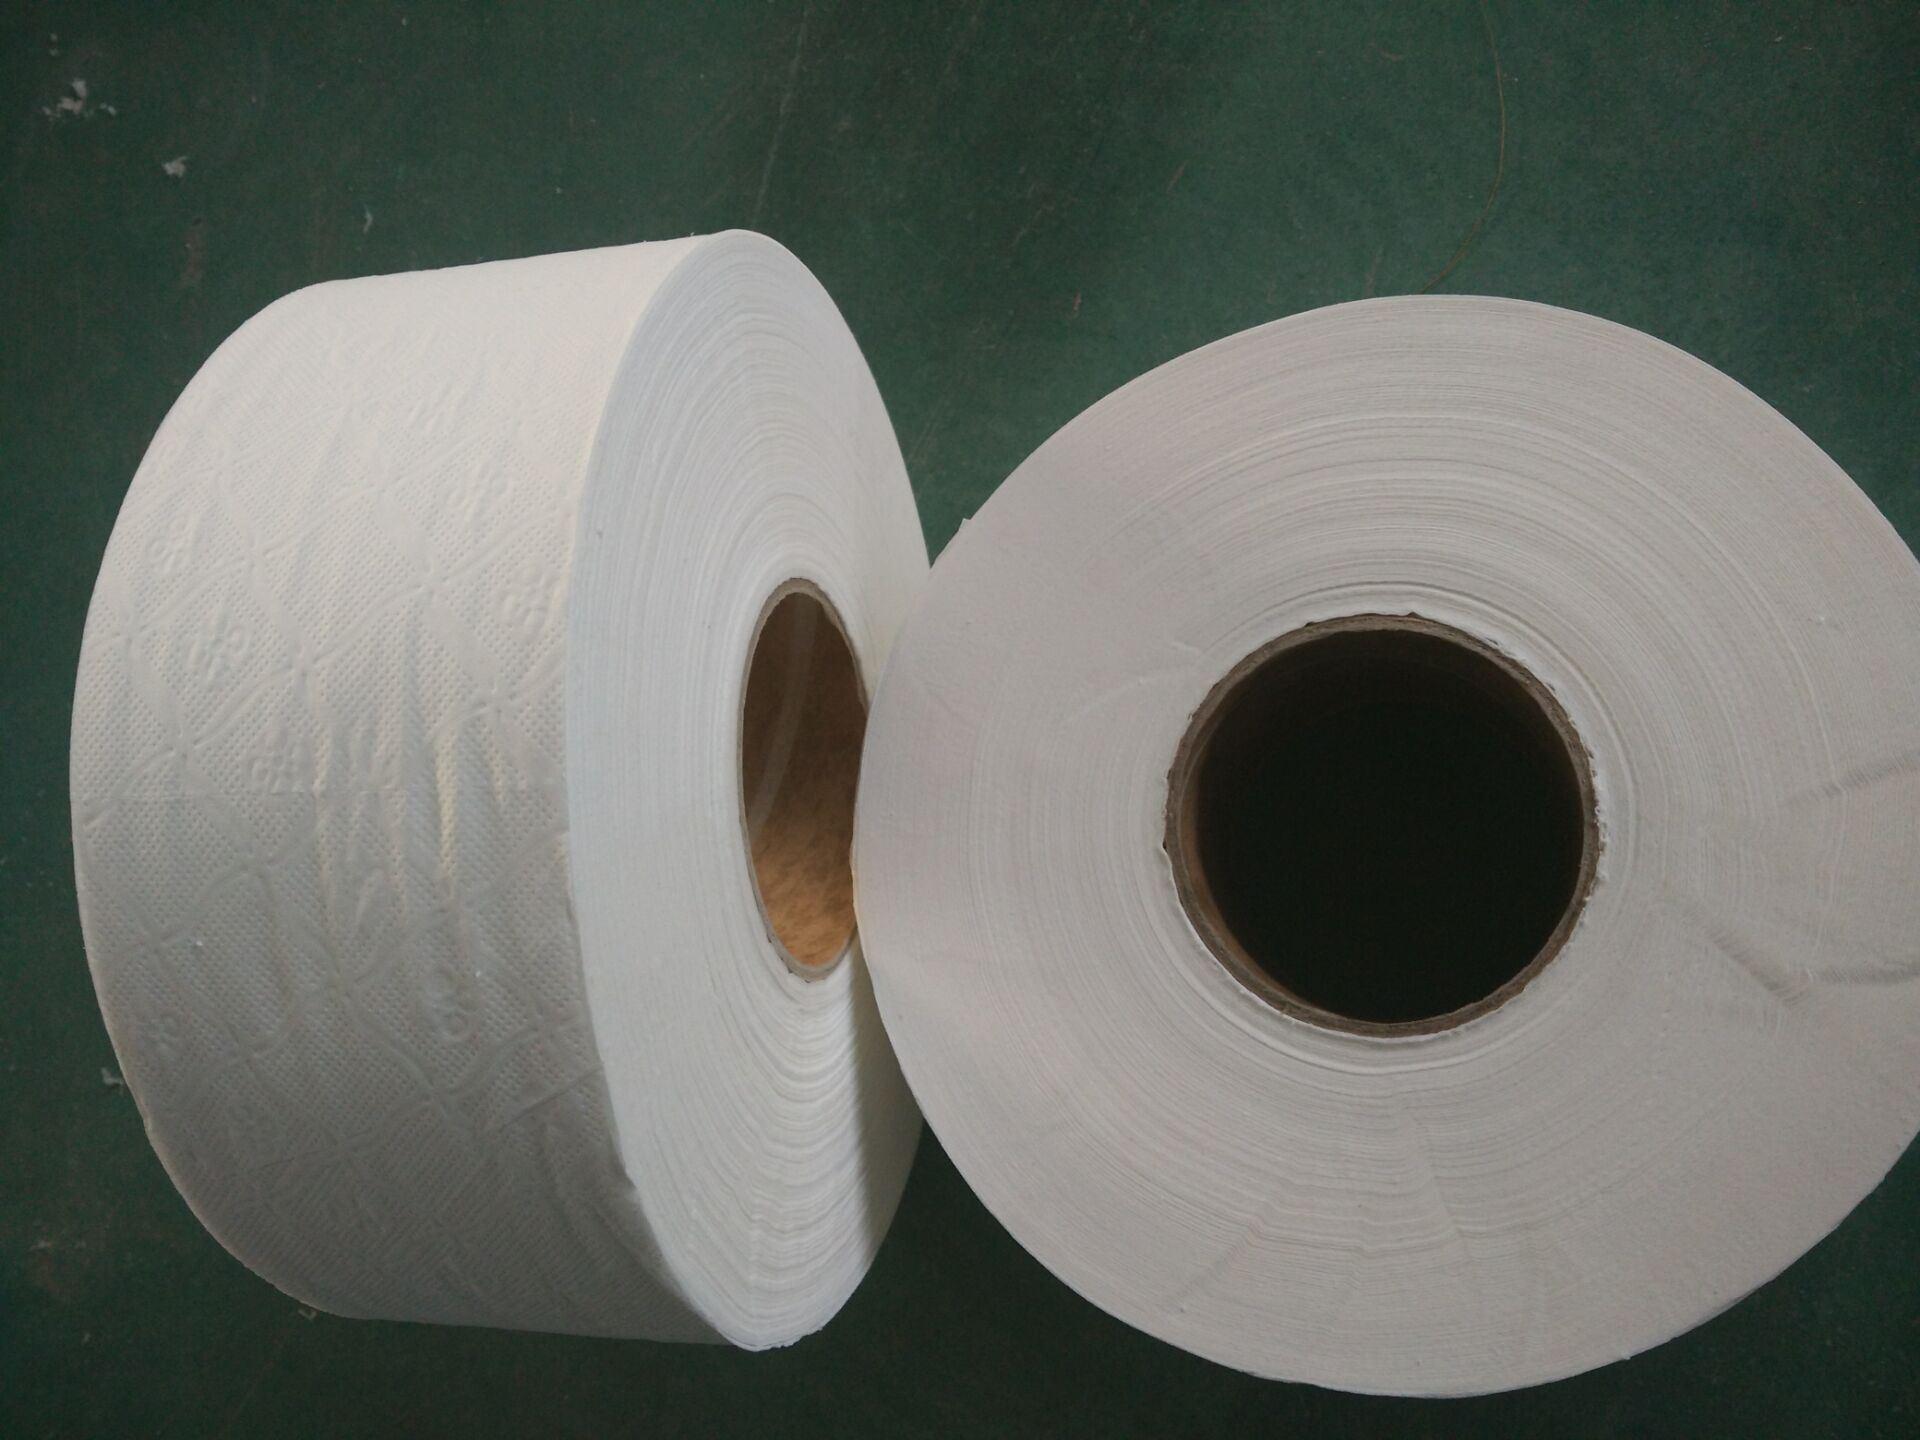 Jrt, Jumbo Roll Toilet Tissue, Toilet Paper